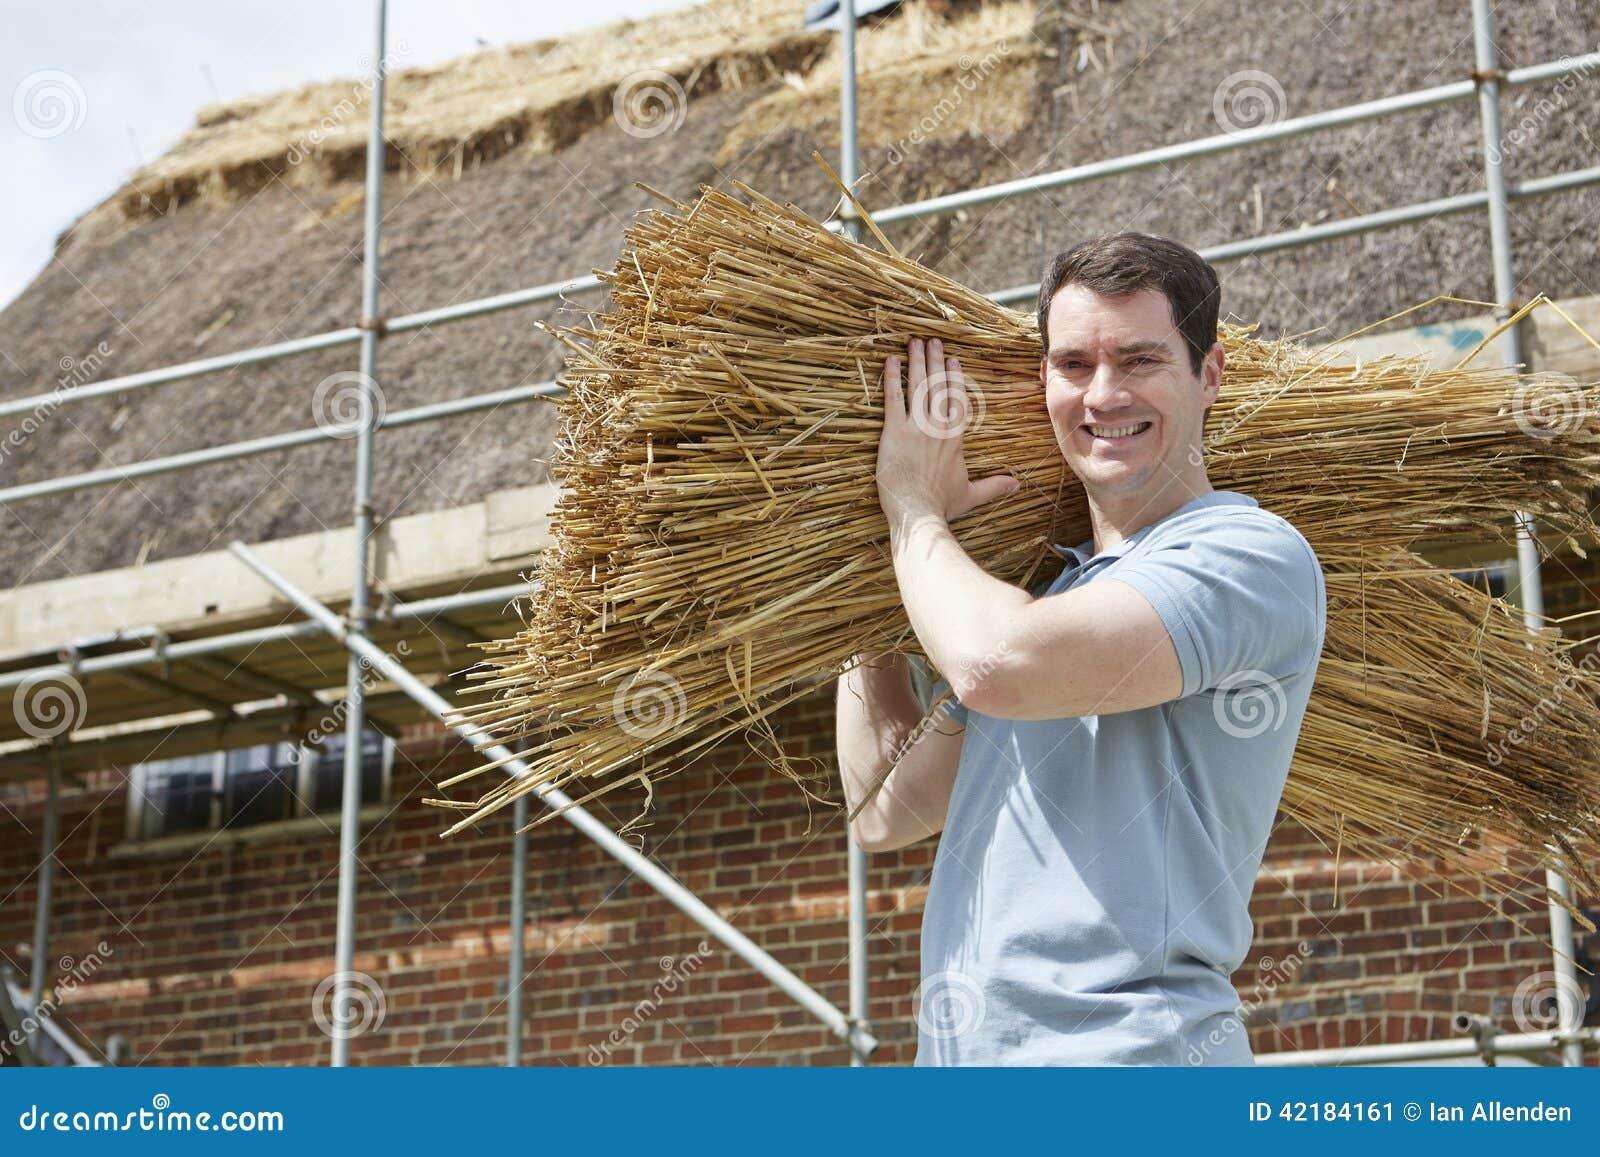 Φέρνοντας δέσμες της Θάτσερ των καλάμων που λειτουργούν στη στέγη